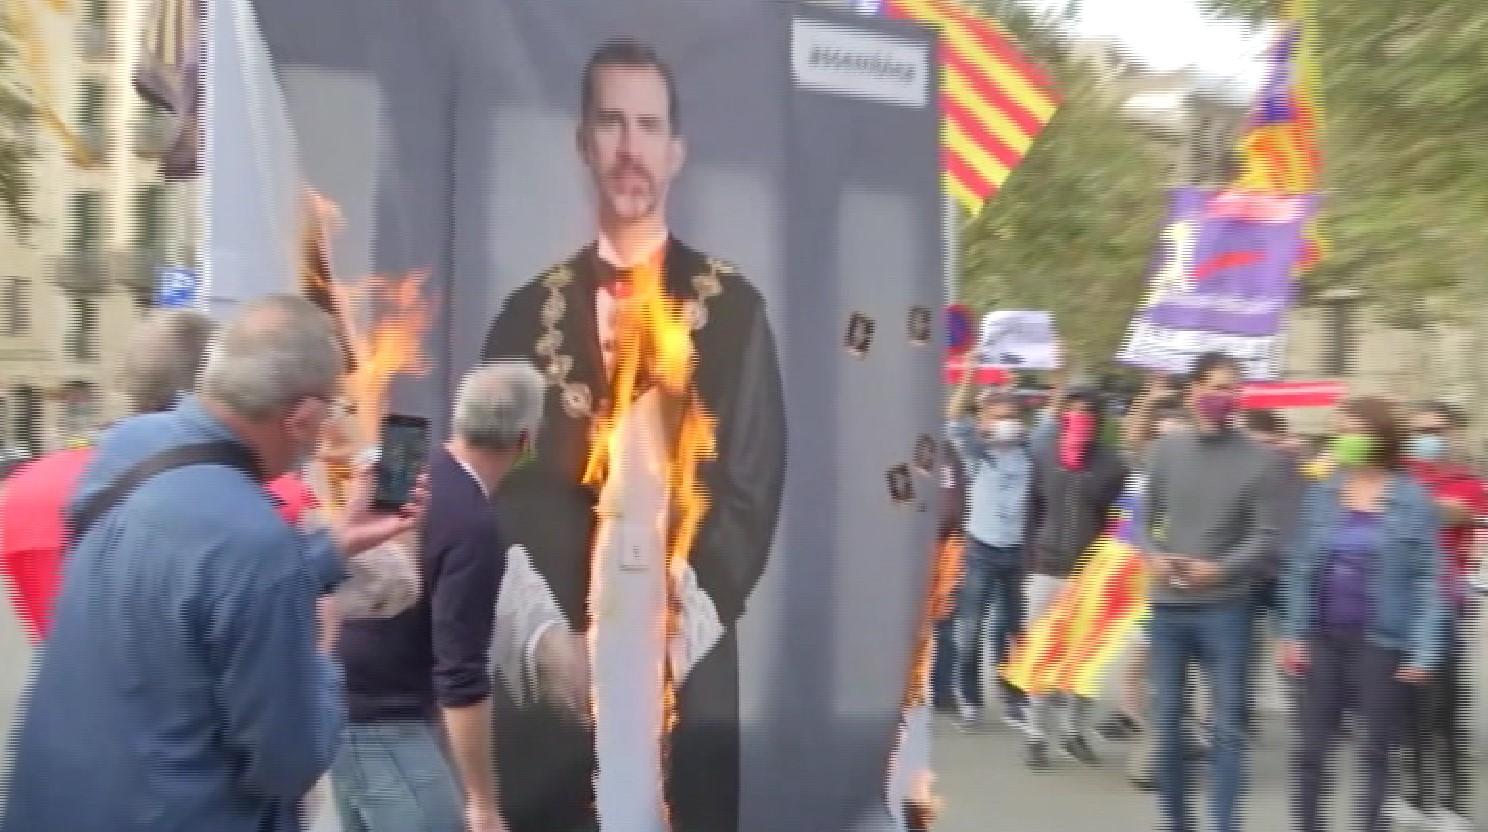 Felip+VI+visita+Barcelona+envoltat+de+protestes+contra+la+seva+pres%C3%A8ncia+a+la+BNEW